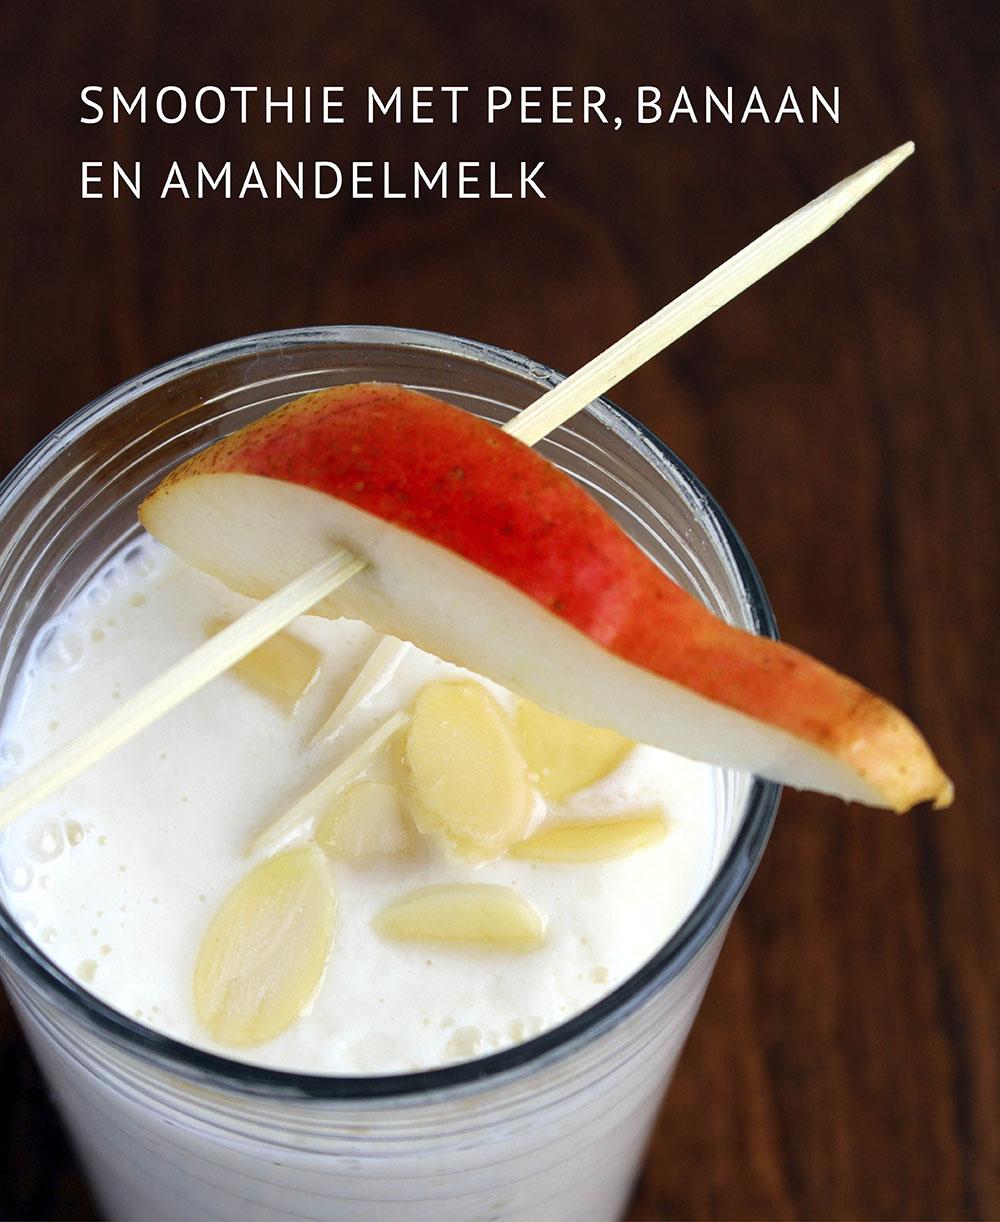 Empty the fridge - Smoothie met peer banaan en amandelmelk